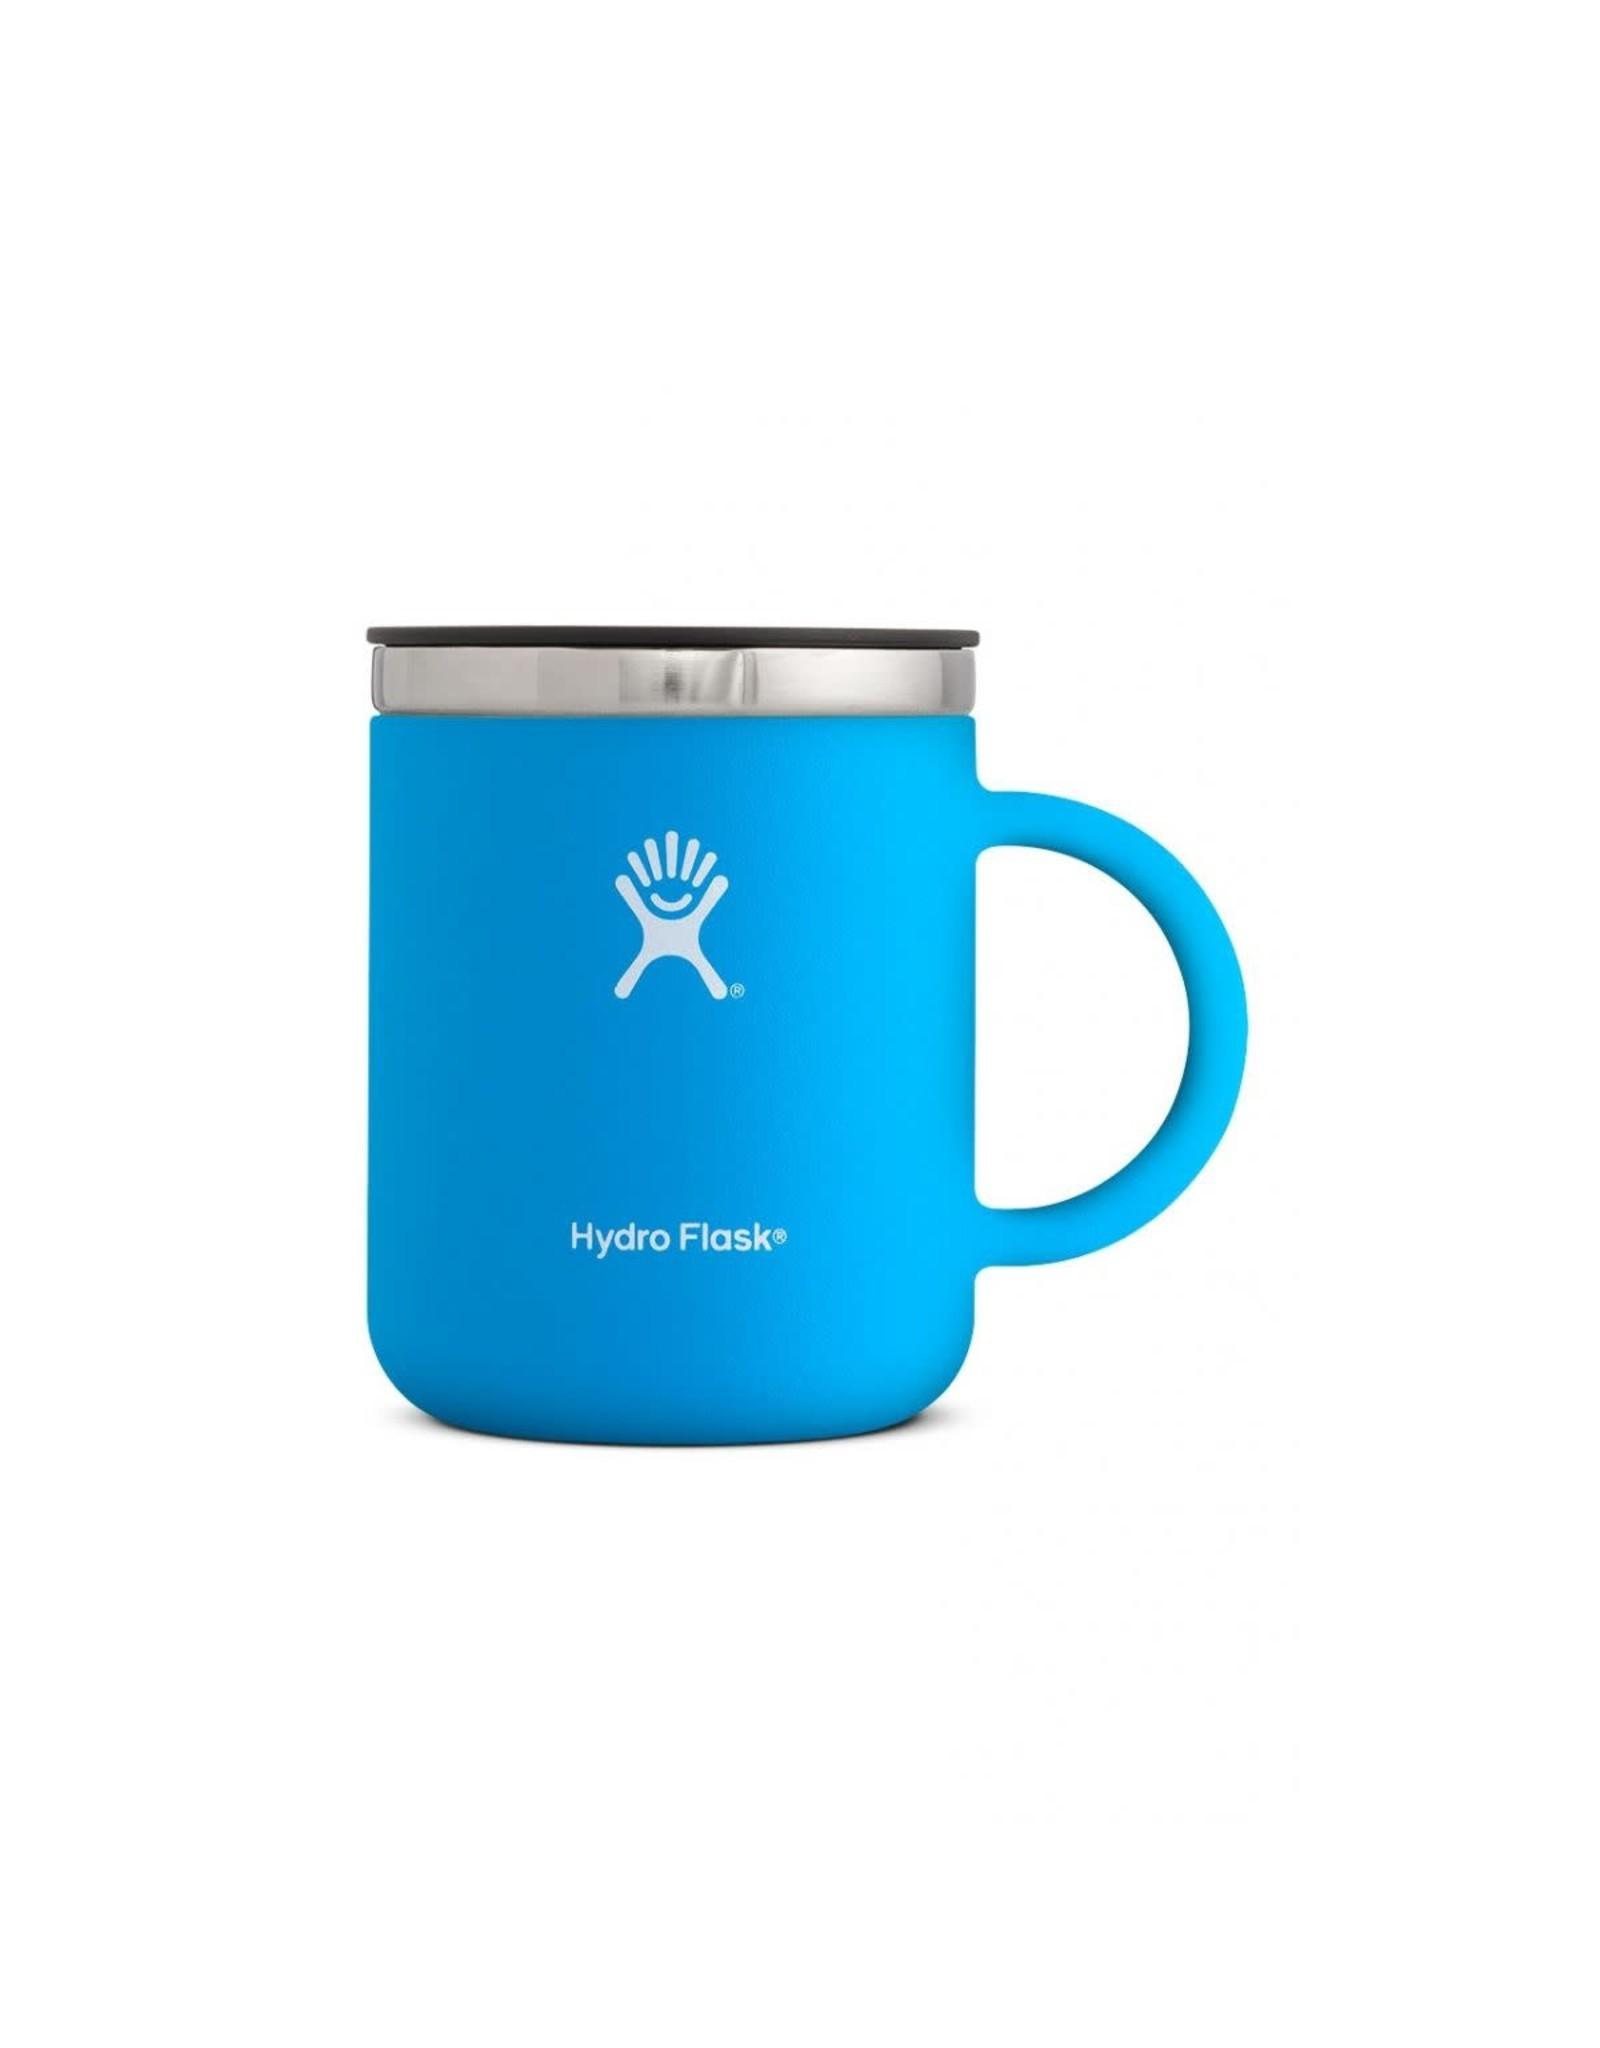 HYDRO FLASK HYDRO FLASK 12 oz COFFEE MUG